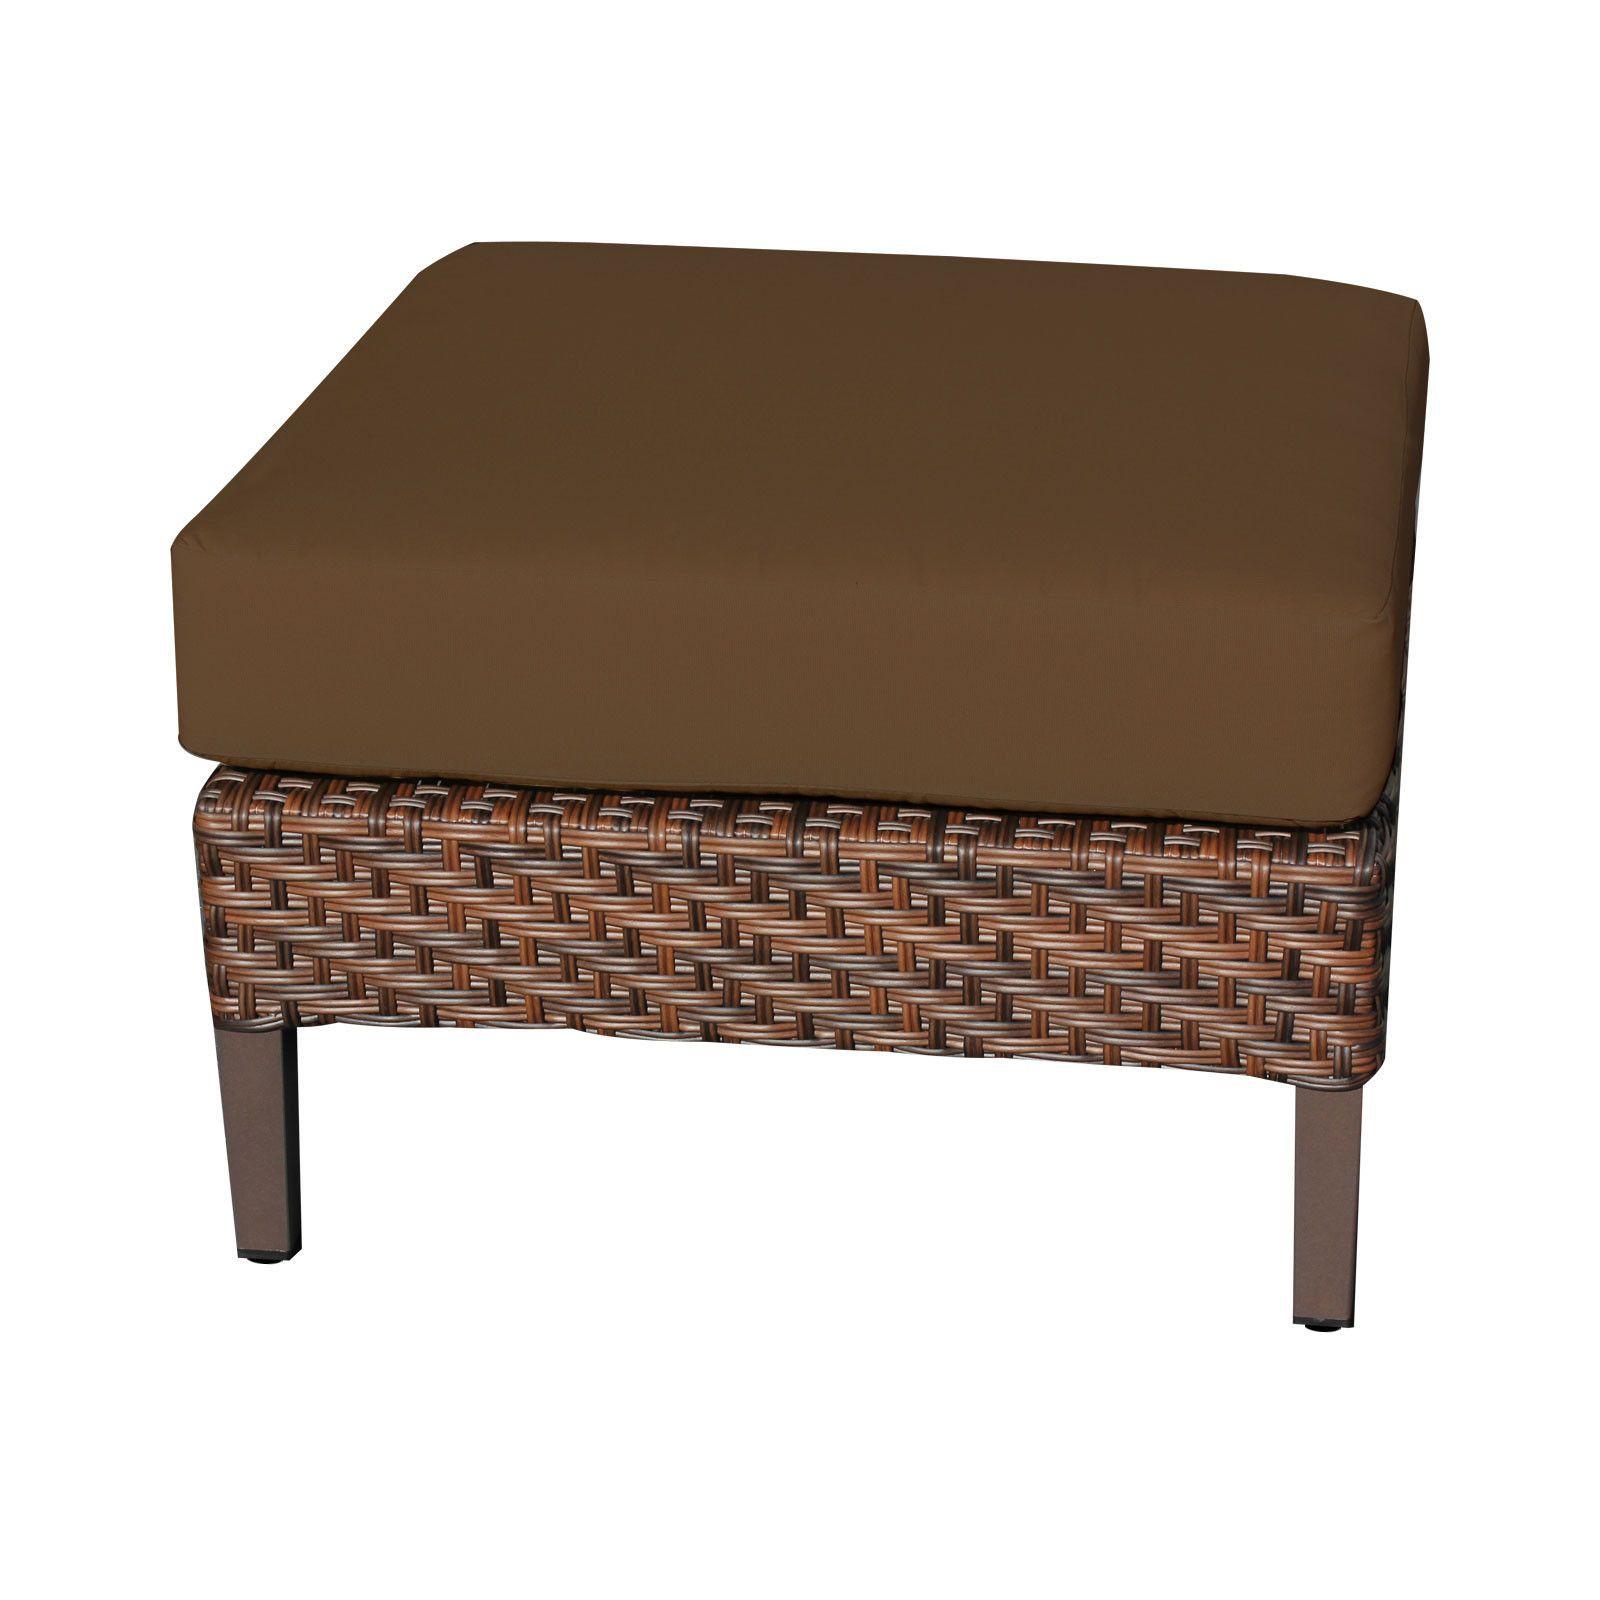 TKC Carmel Outdoor Ottoman Patio Furniture, Cocoa